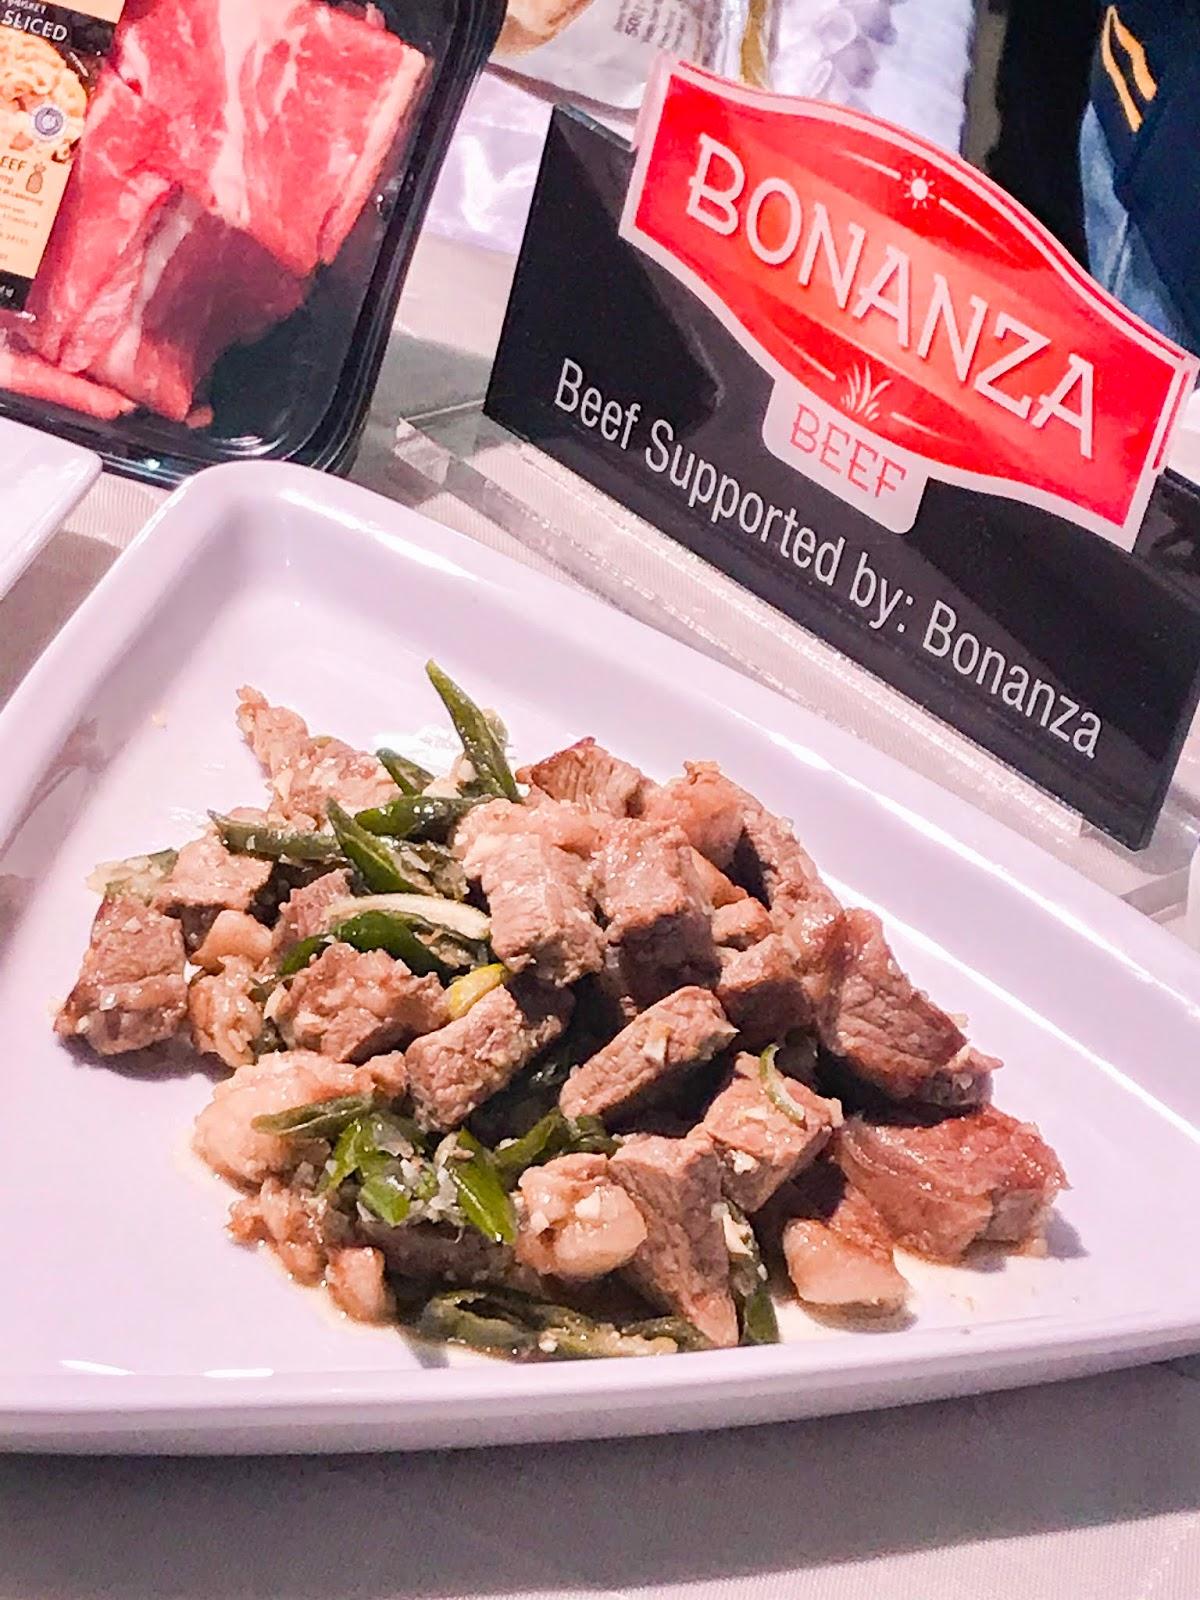 Cara Membuat Steak Daging Sapi Ala Restoran : membuat, steak, daging, restoran, Berbagai, Resep, Daging, Restoran,, Lebih, Simpel, Pakai, Bonanza, Farhati, Mardhiyah